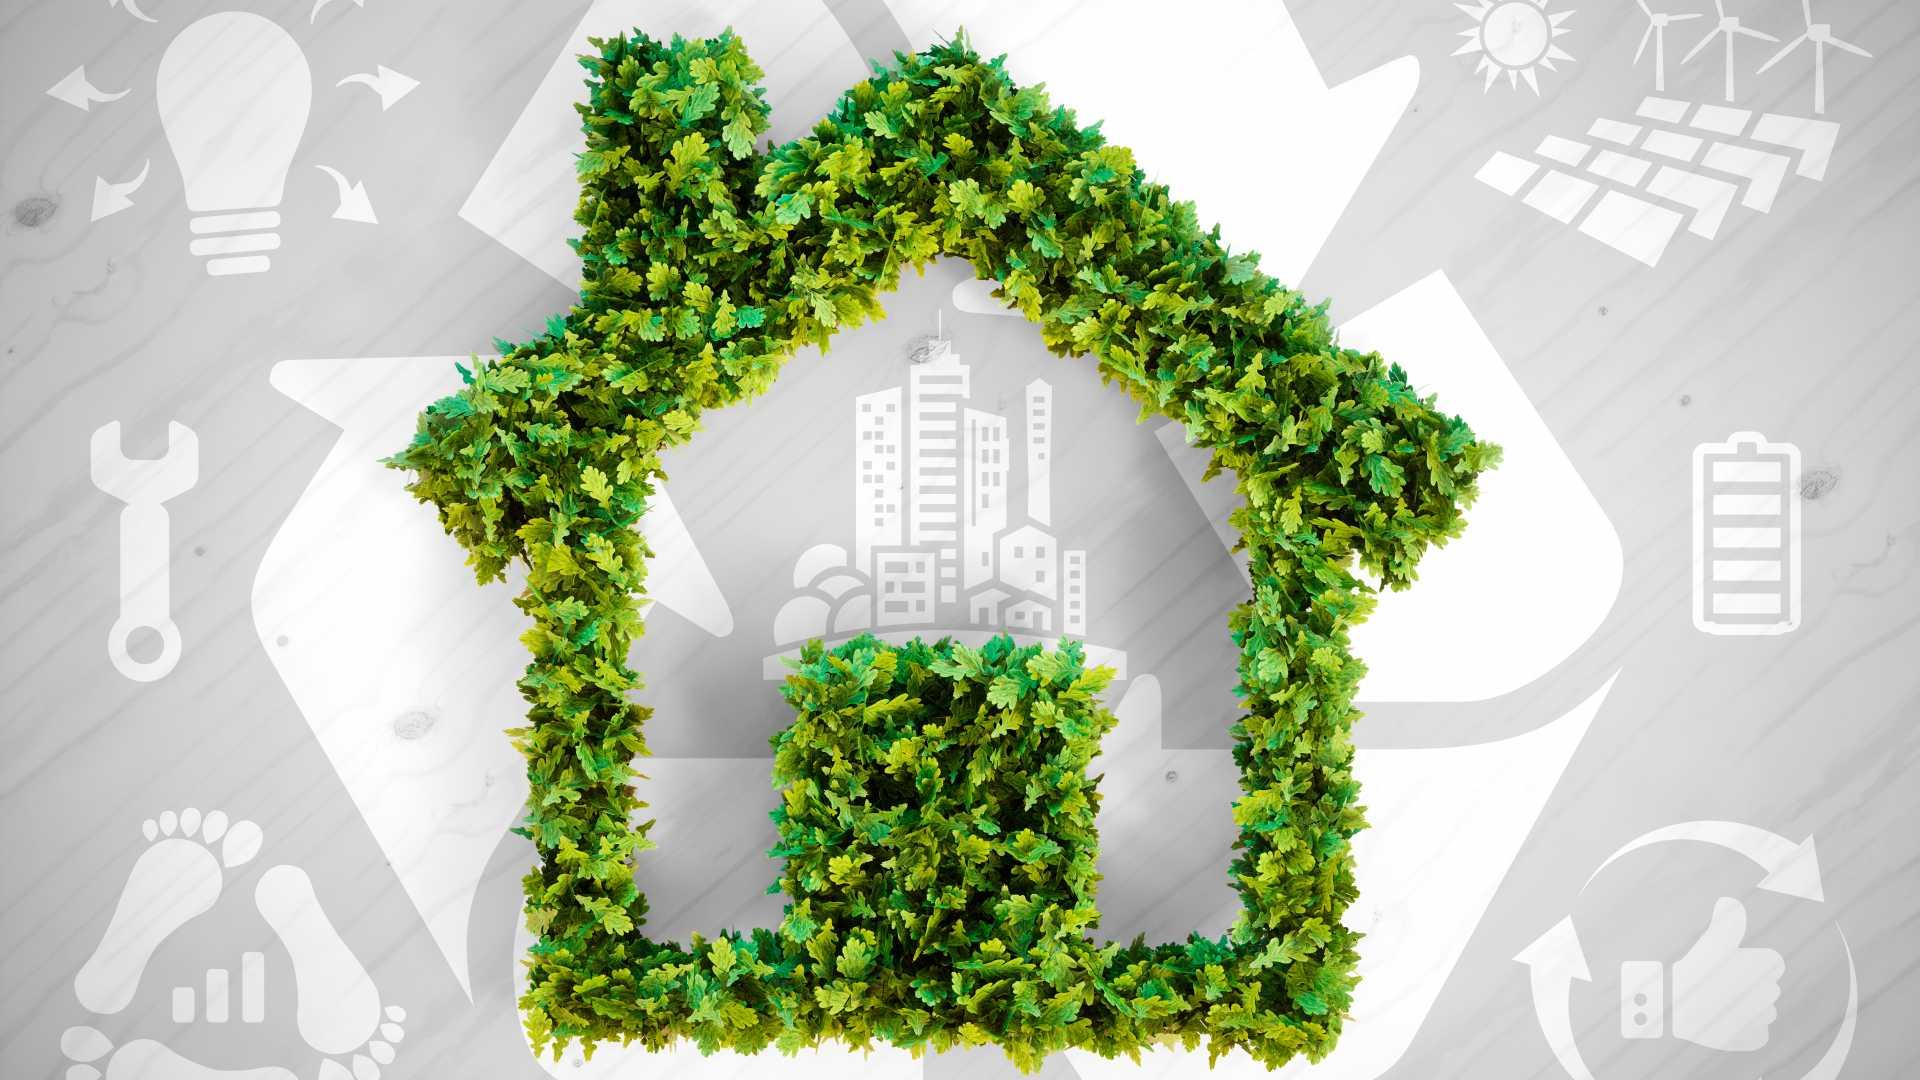 Thuisbatterij recycleren